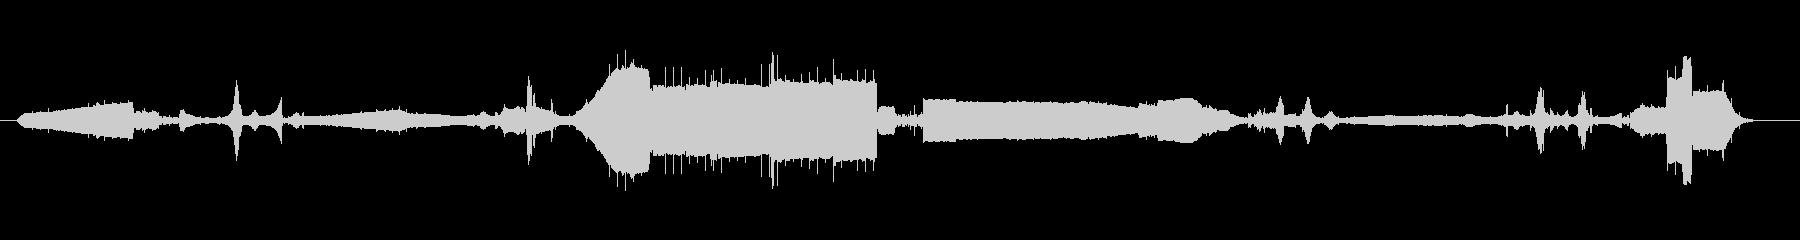 機械 ランダム計算01の未再生の波形